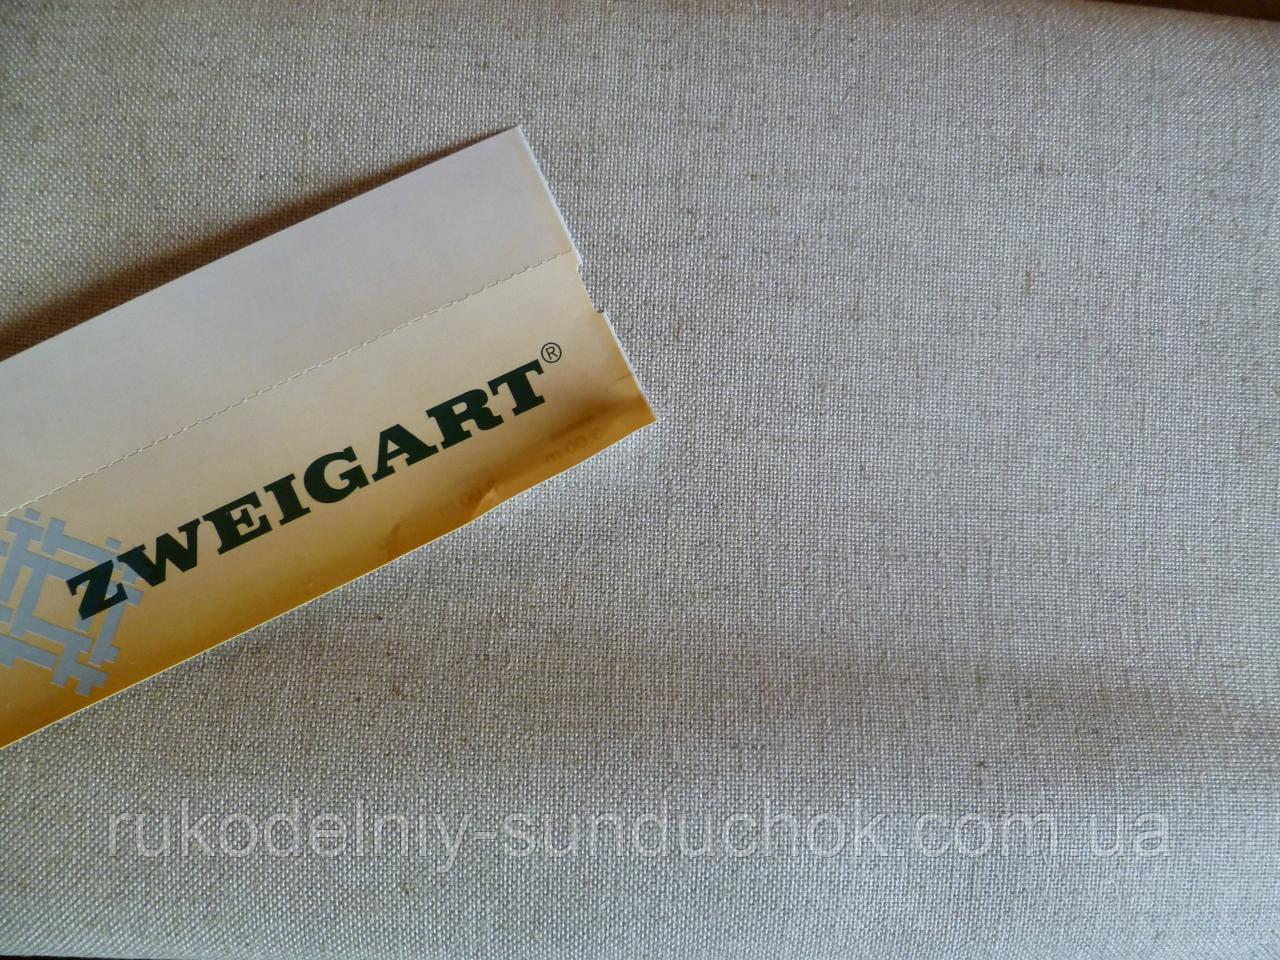 Ткань равномерного переплетения Zweigart Floba 32 ct. extra fine 3448/53 (цвет натурального льна) Flax